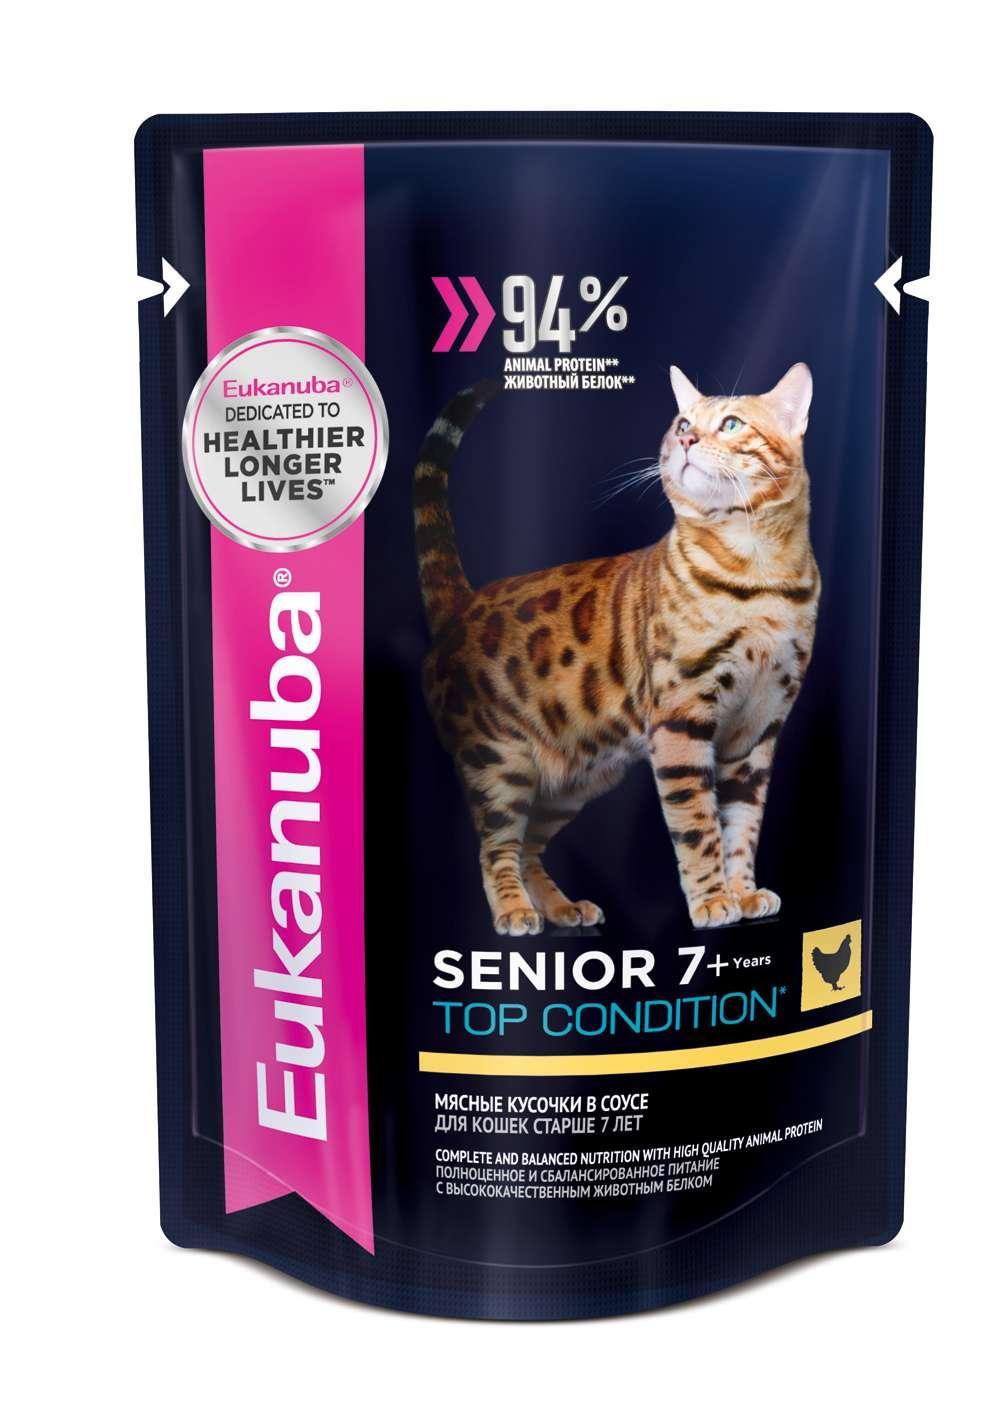 Корм консервированный для кошек старше 7 лет Eukanuba EUK Cat. Паучи с курицей, в соусе, 85 г10150843Полноценное и сбалансированное питание для взрослых кошек старше 7 лет с высококачественным животным белком для поддержания здоровья кошки по шести ключевым признакам. 1. ПОДЕРЖАНИЕ ИММУНИТЕТА Способствует поддержанию иммунной системы за счет антиоксидантов. 2. ОПТИМАЛЬНОЕ ПИЩЕВАРЕНИЕ Способствует поддержанию здоровой кишечной микрофлоры за счет пребиотиков и клетчатки. 3. КОНТРОЛИРУЕМЫЙ pH МОЧИ Помогает контролировать pH мочи в пределах рекомендуемой нормы. 4. КРЕПКИЕ МЫШЦЫ Белки животного происхождения способствуют росту и сохранению мышечной массы. 5. КОЖА И ШЕРСТЬ Поддерживает здоровье кожи и шерсти при помощи оптимального соотношения ?-6 и ?-3 жирных кислот, эффективность которых доказана клинически. 6. ЗДОРОВЬЕ СЕРДЦА Содержит натуральный источник таурина для поддержания здоровья сердца. Нутриент Кол-во ...